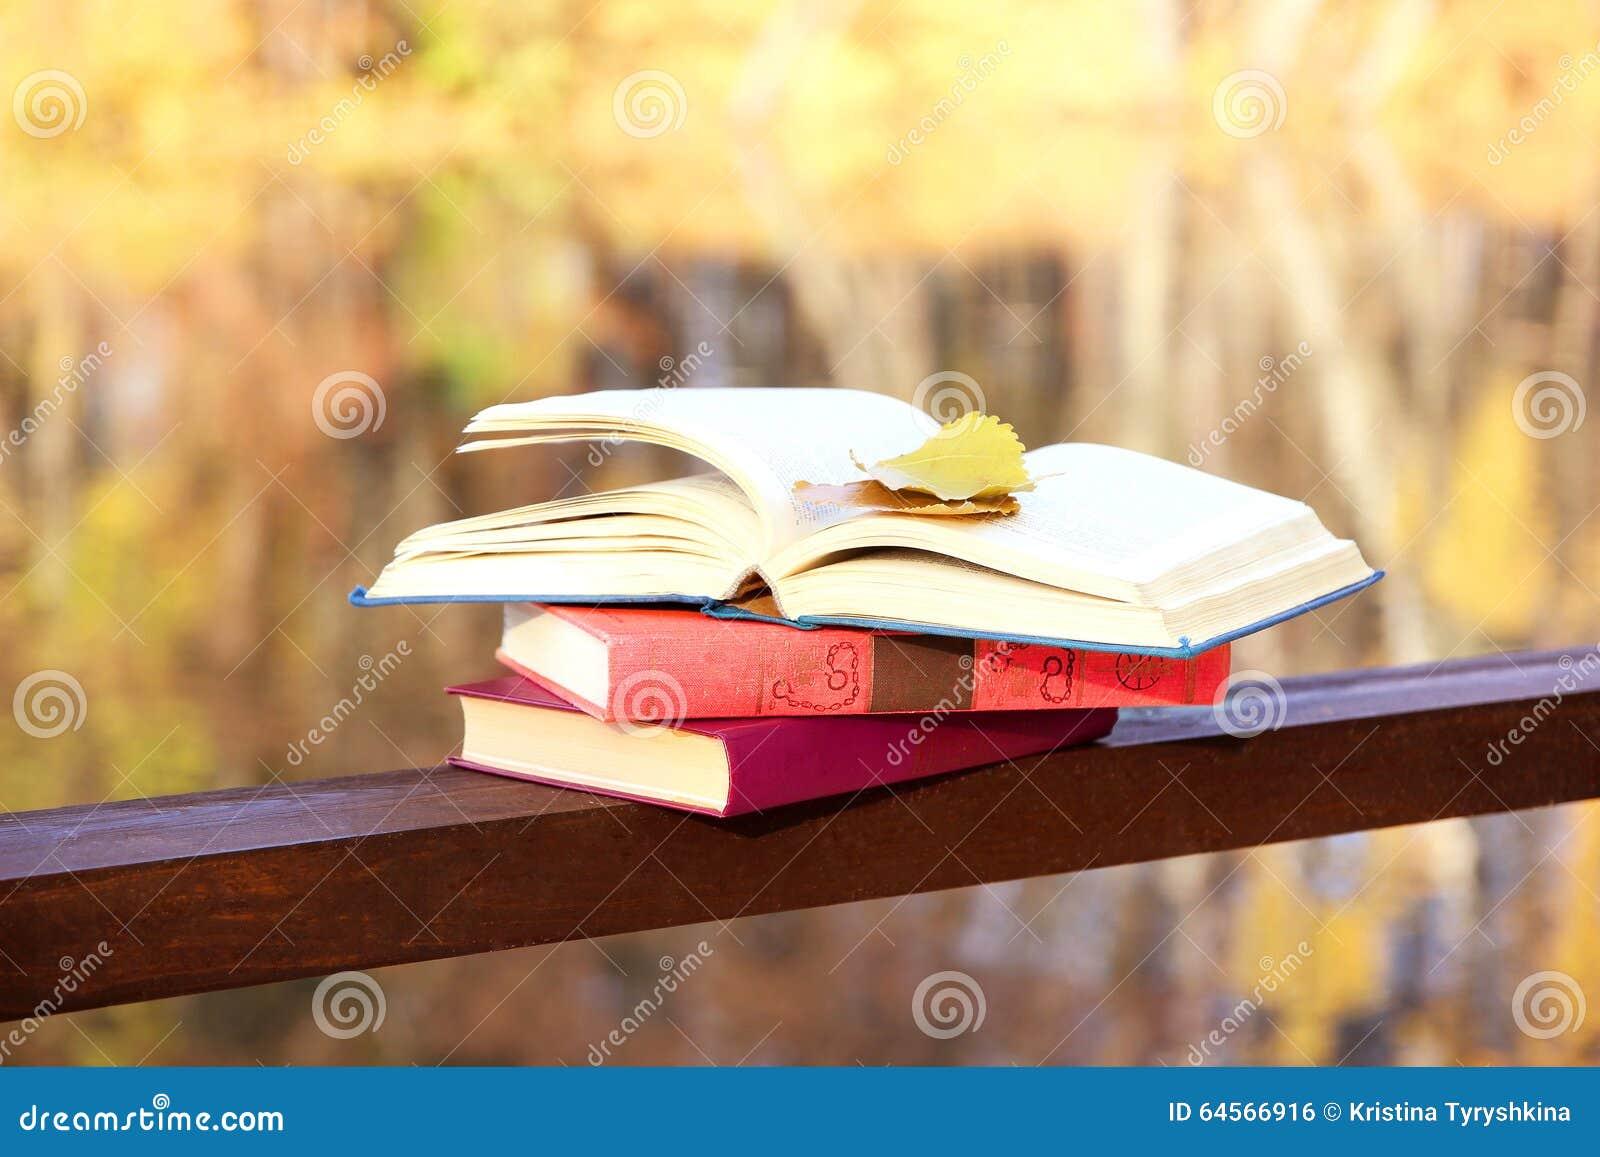 boek op een grond dichtbij meer de kennis is macht onderwijs verlichting